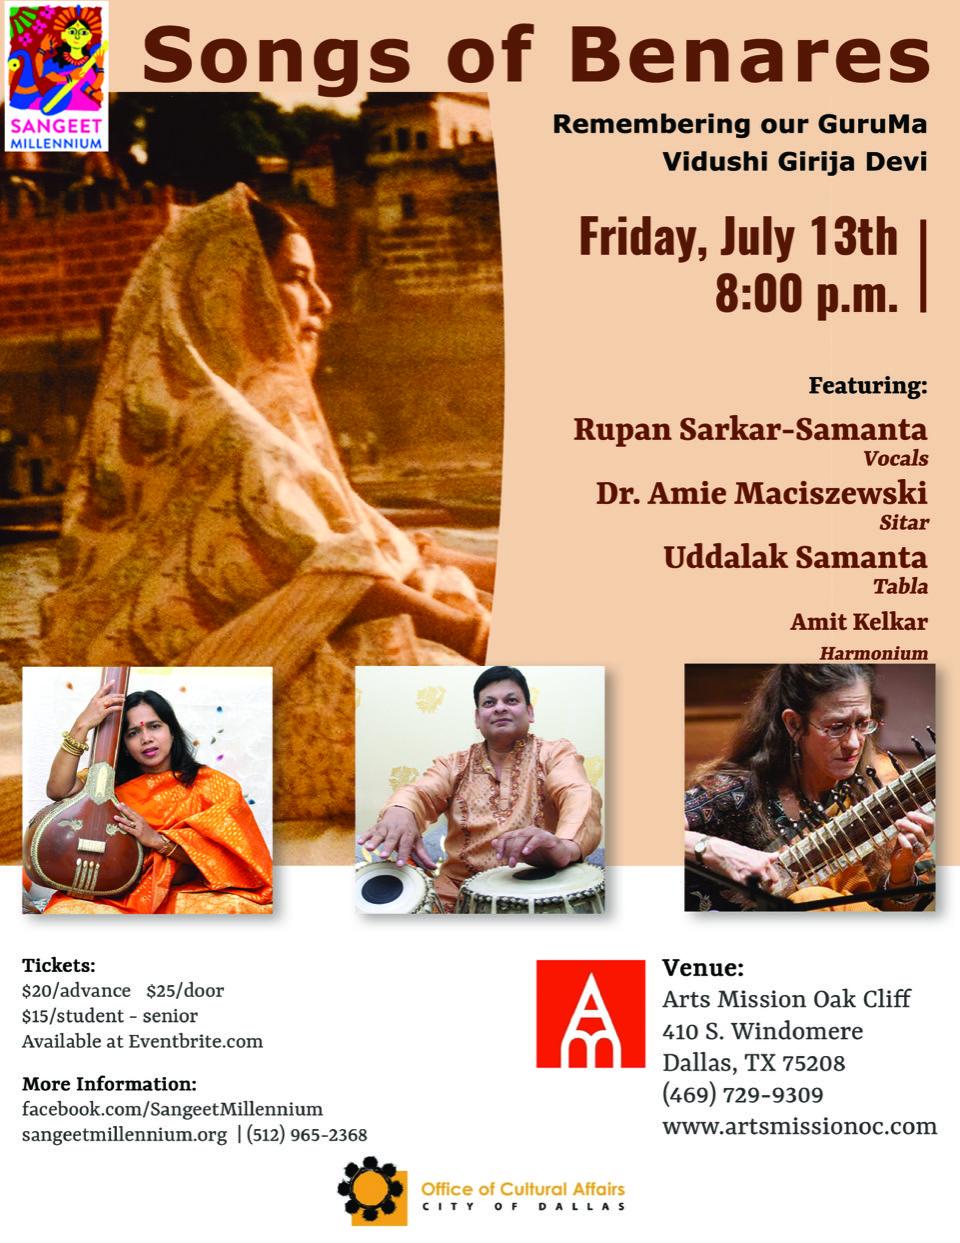 Songs of Benares flyer